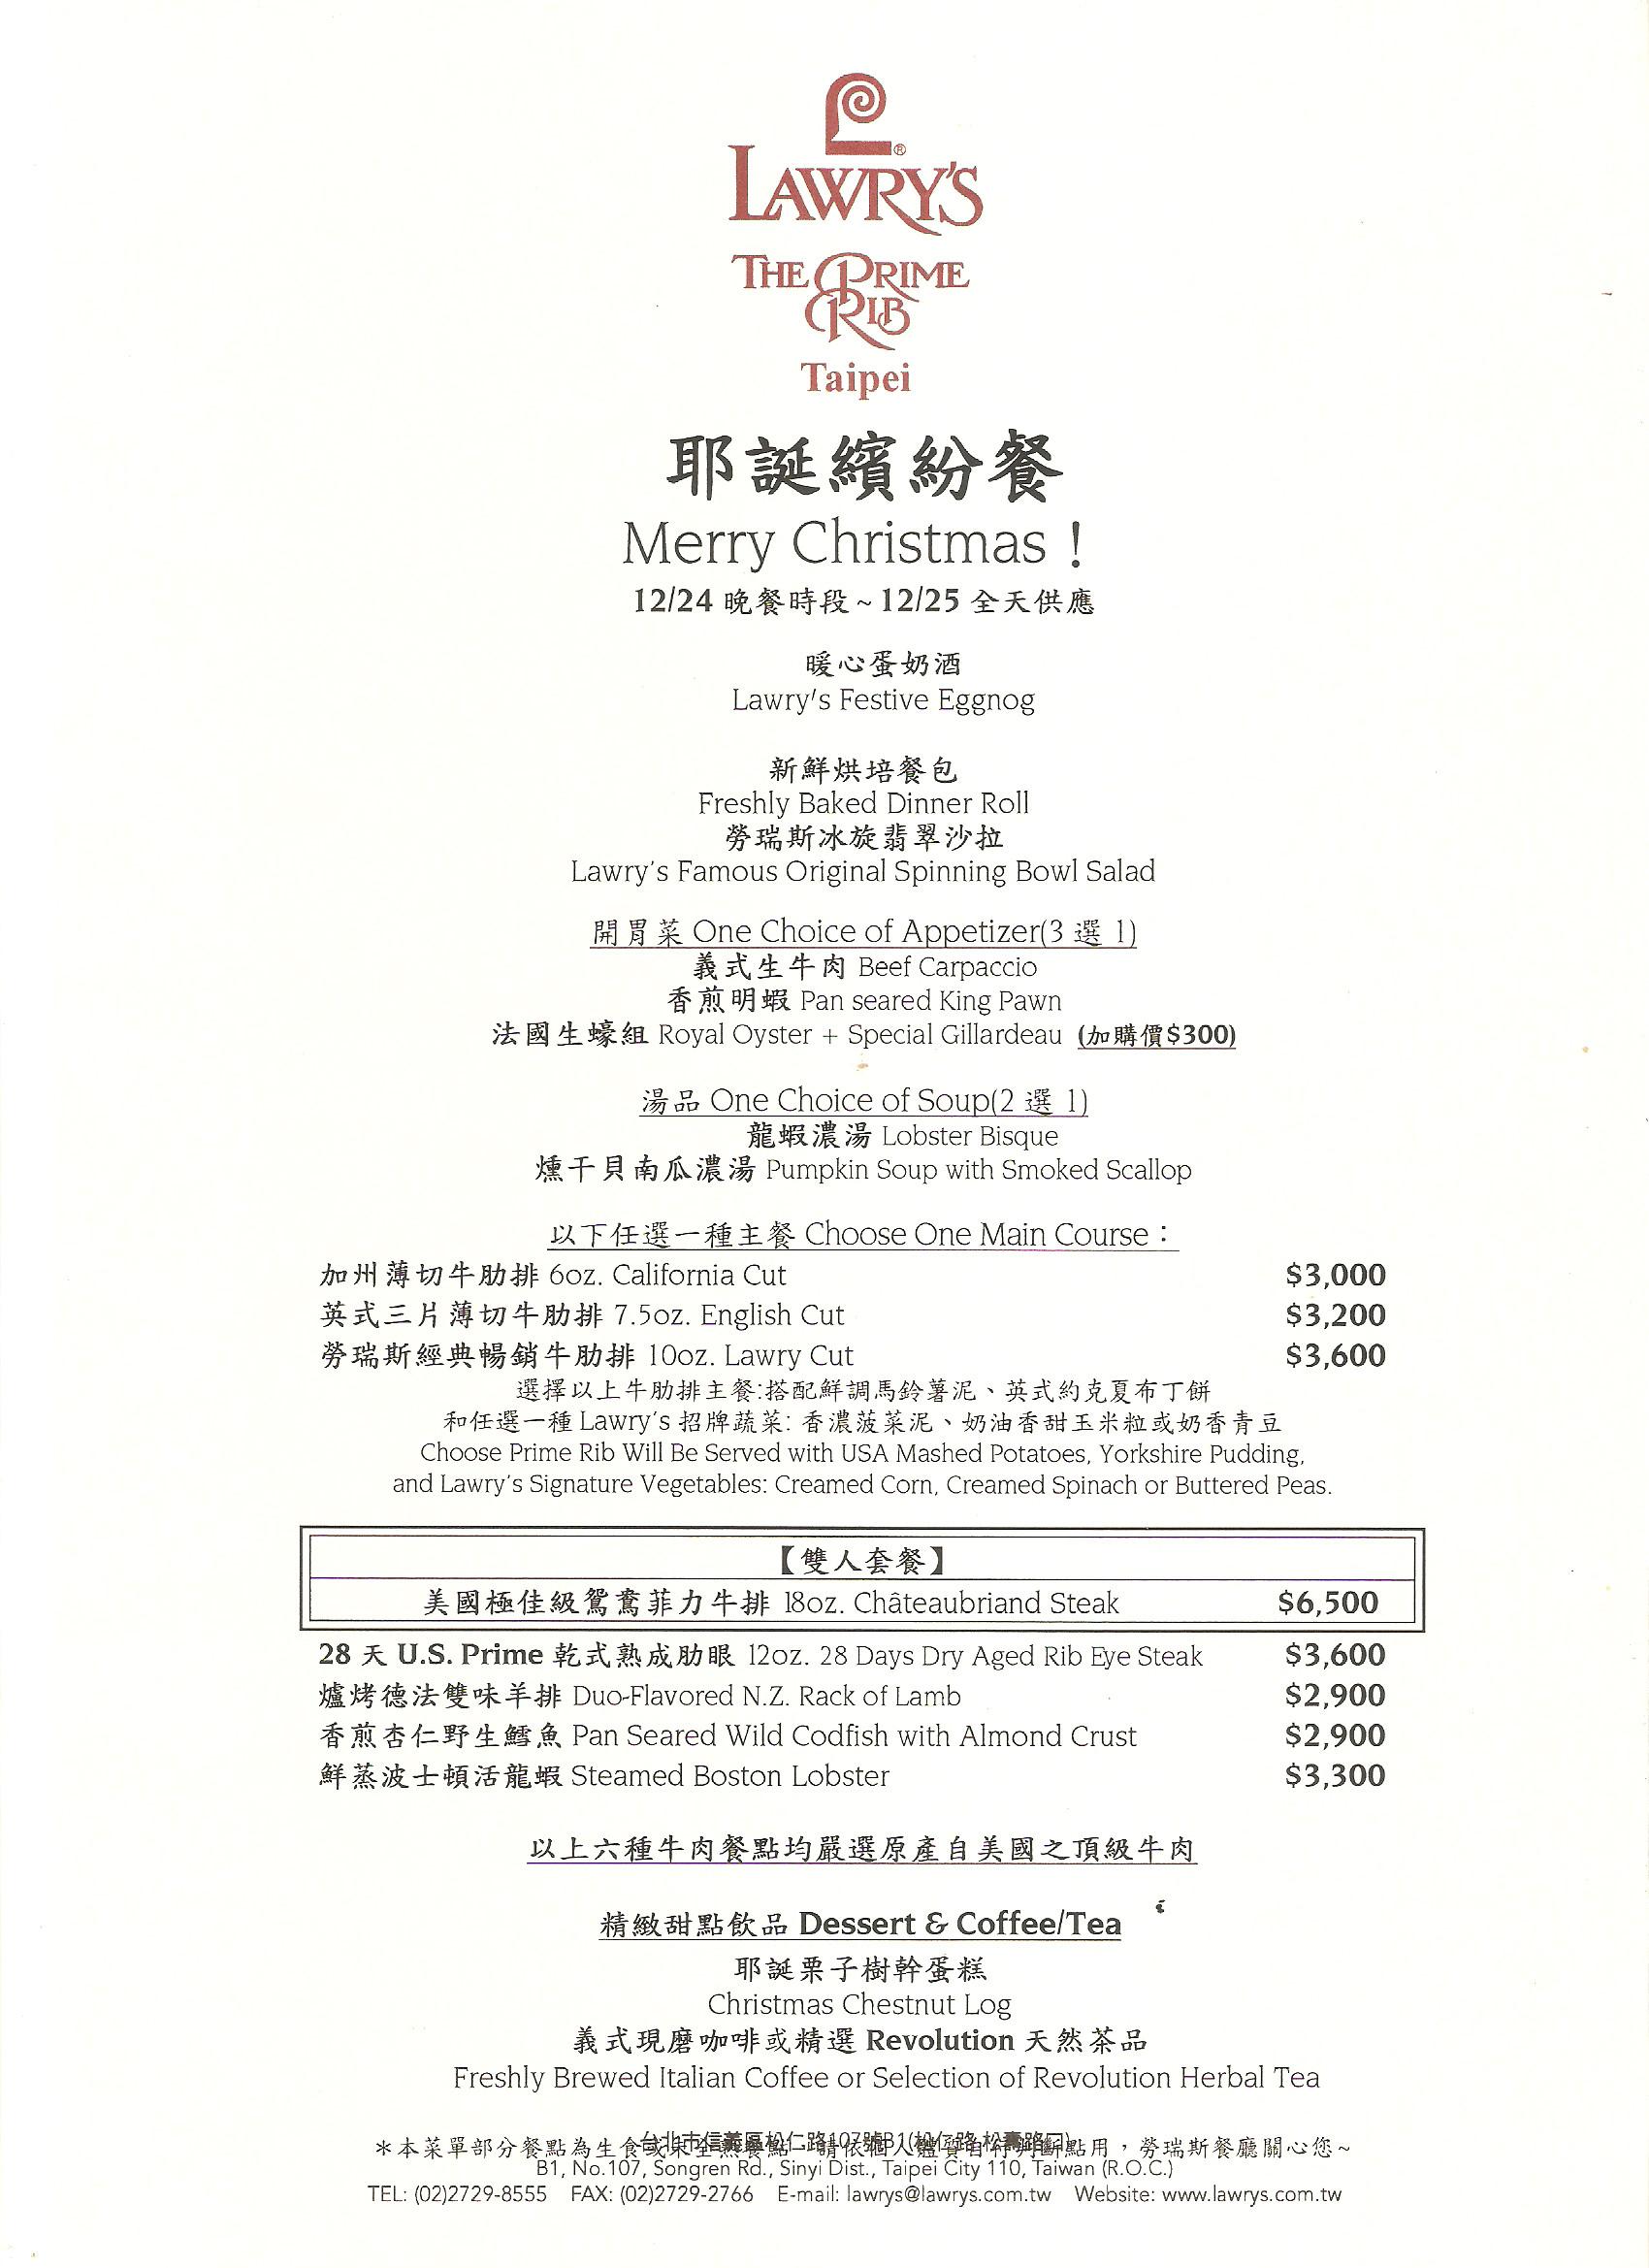 Prime Rib Christmas Dinner Menus  Where to Get Christmas Dinner in Taipei Taiwan 2014